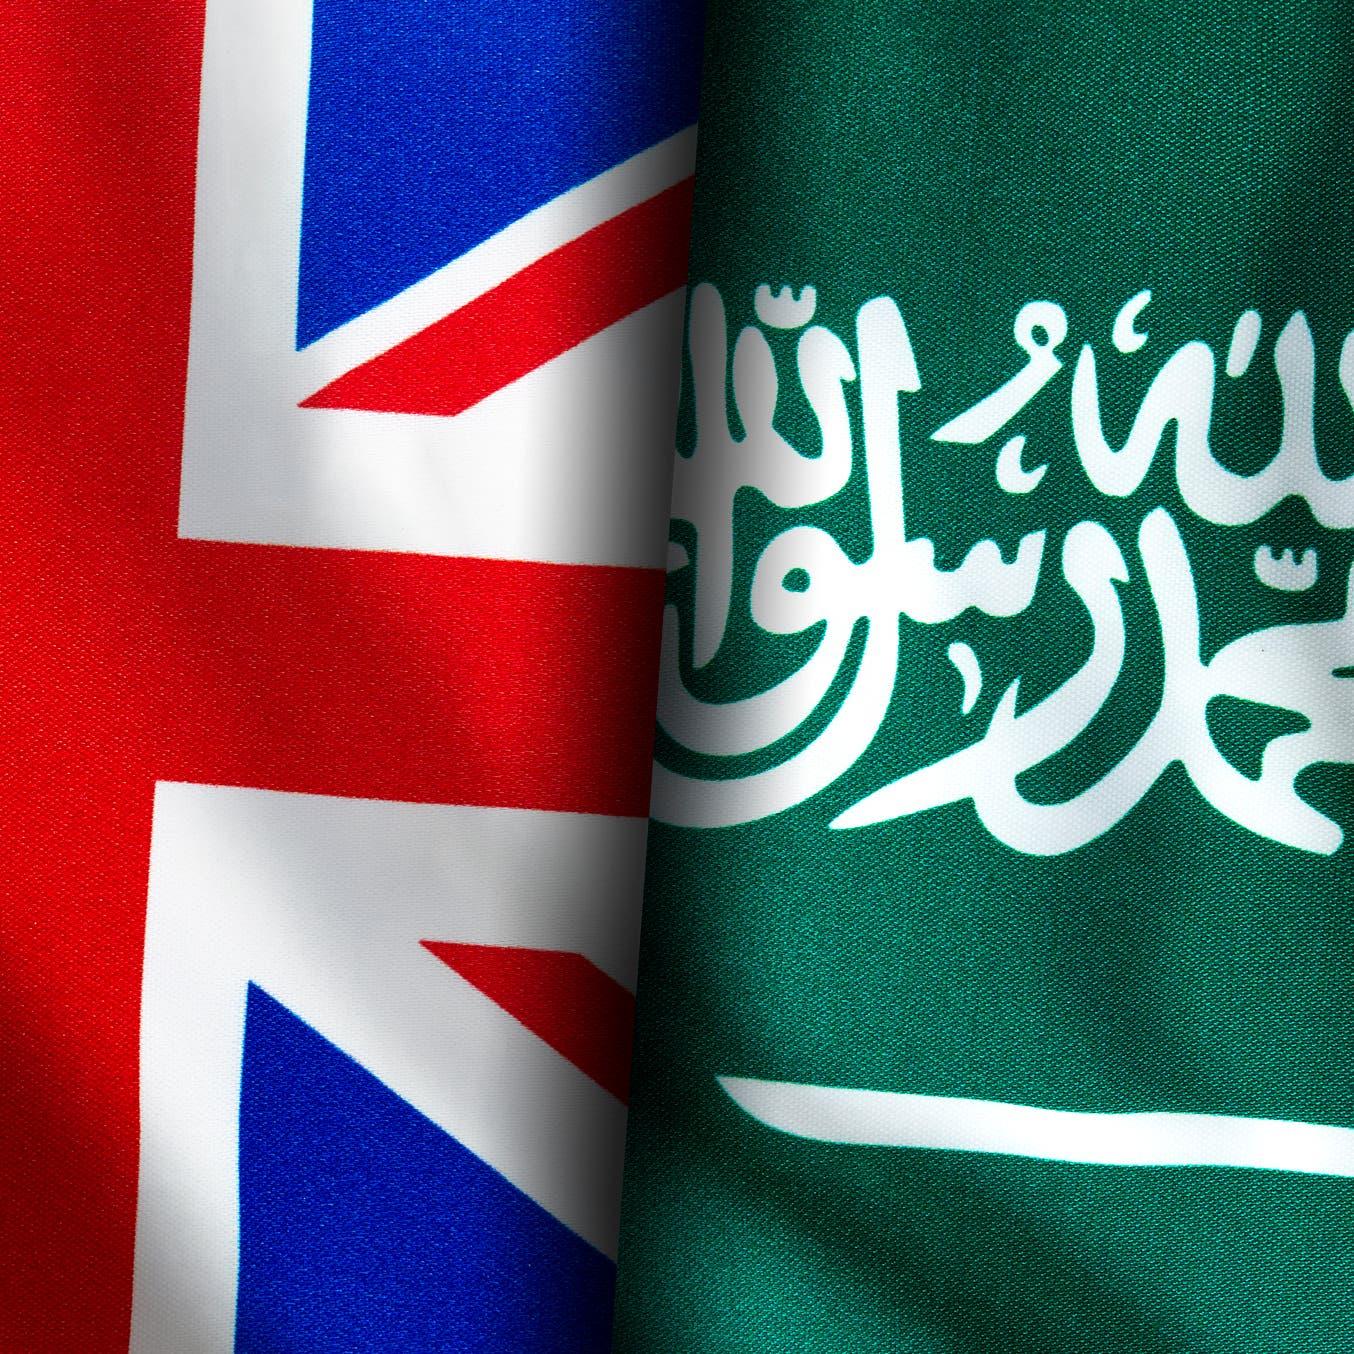 استعراض الفرص السعودية أمام 80 شركة بريطانية للاستثمار بتقنيات الفضاء